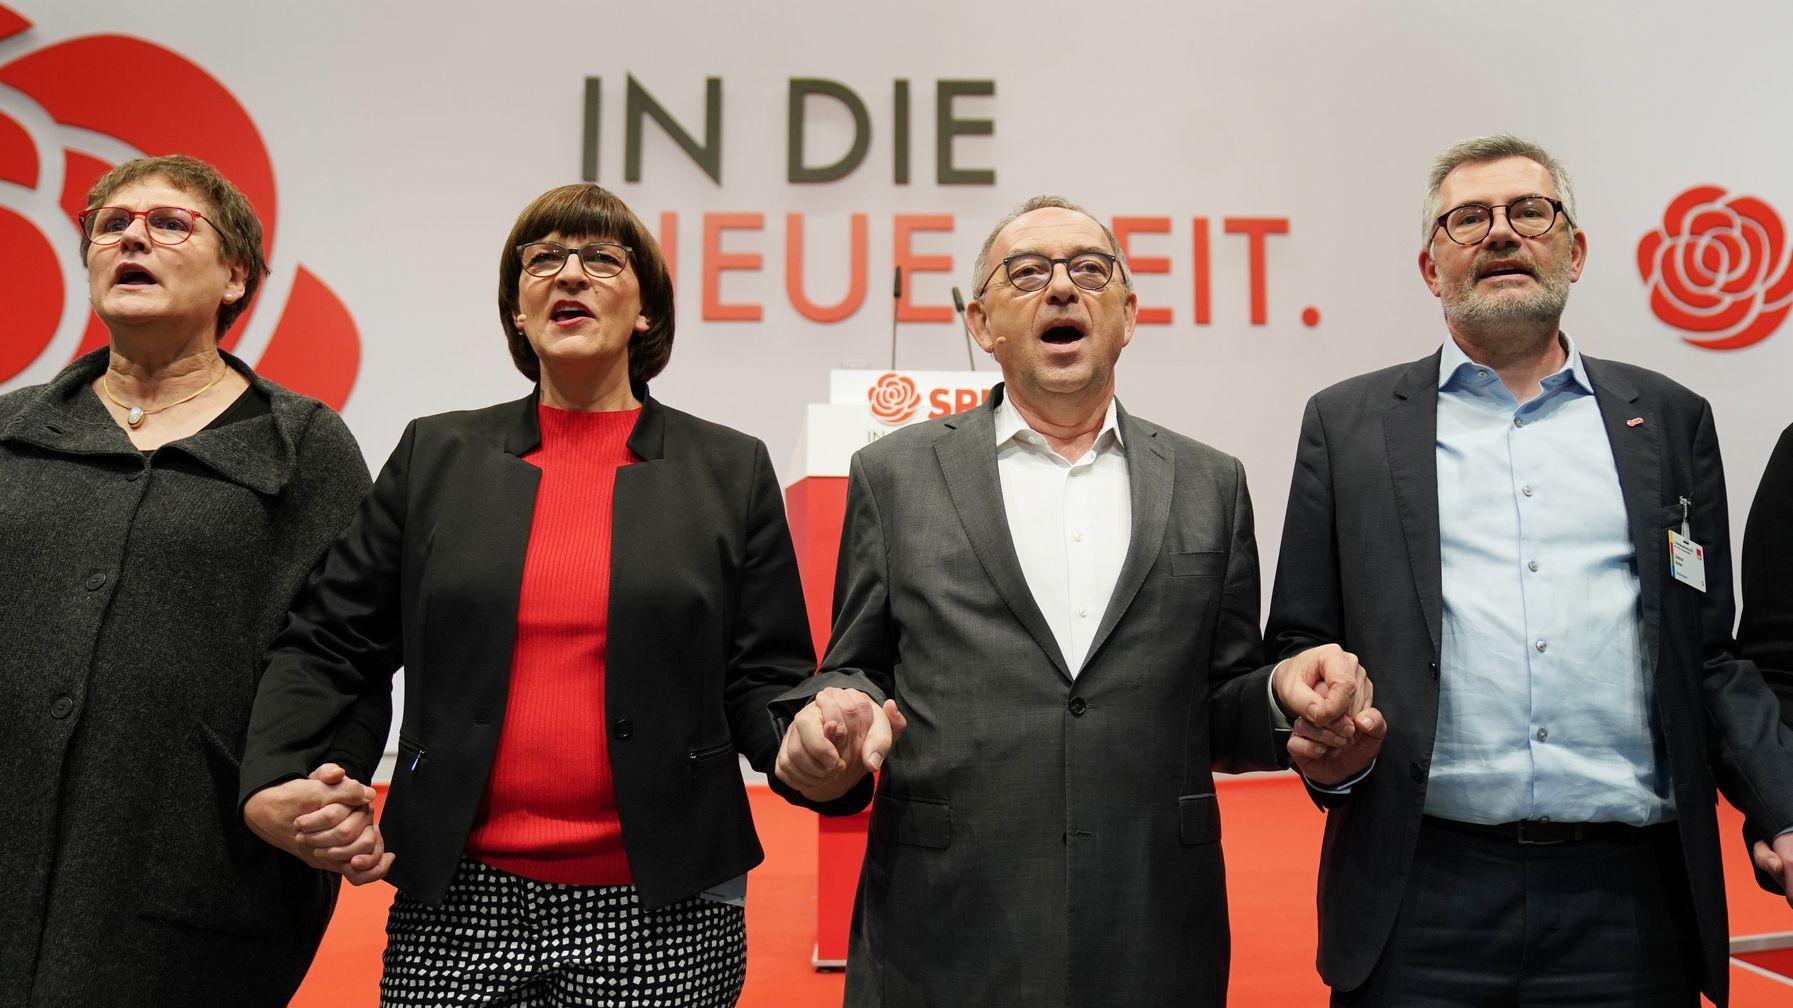 Von links: Leni Breymaier (MdB), Saskia Esken und Norbert Walter-Borjans (Bundesvorsitzende), Dietmar Nietan (Schatzmeister) beim Schlusslied.